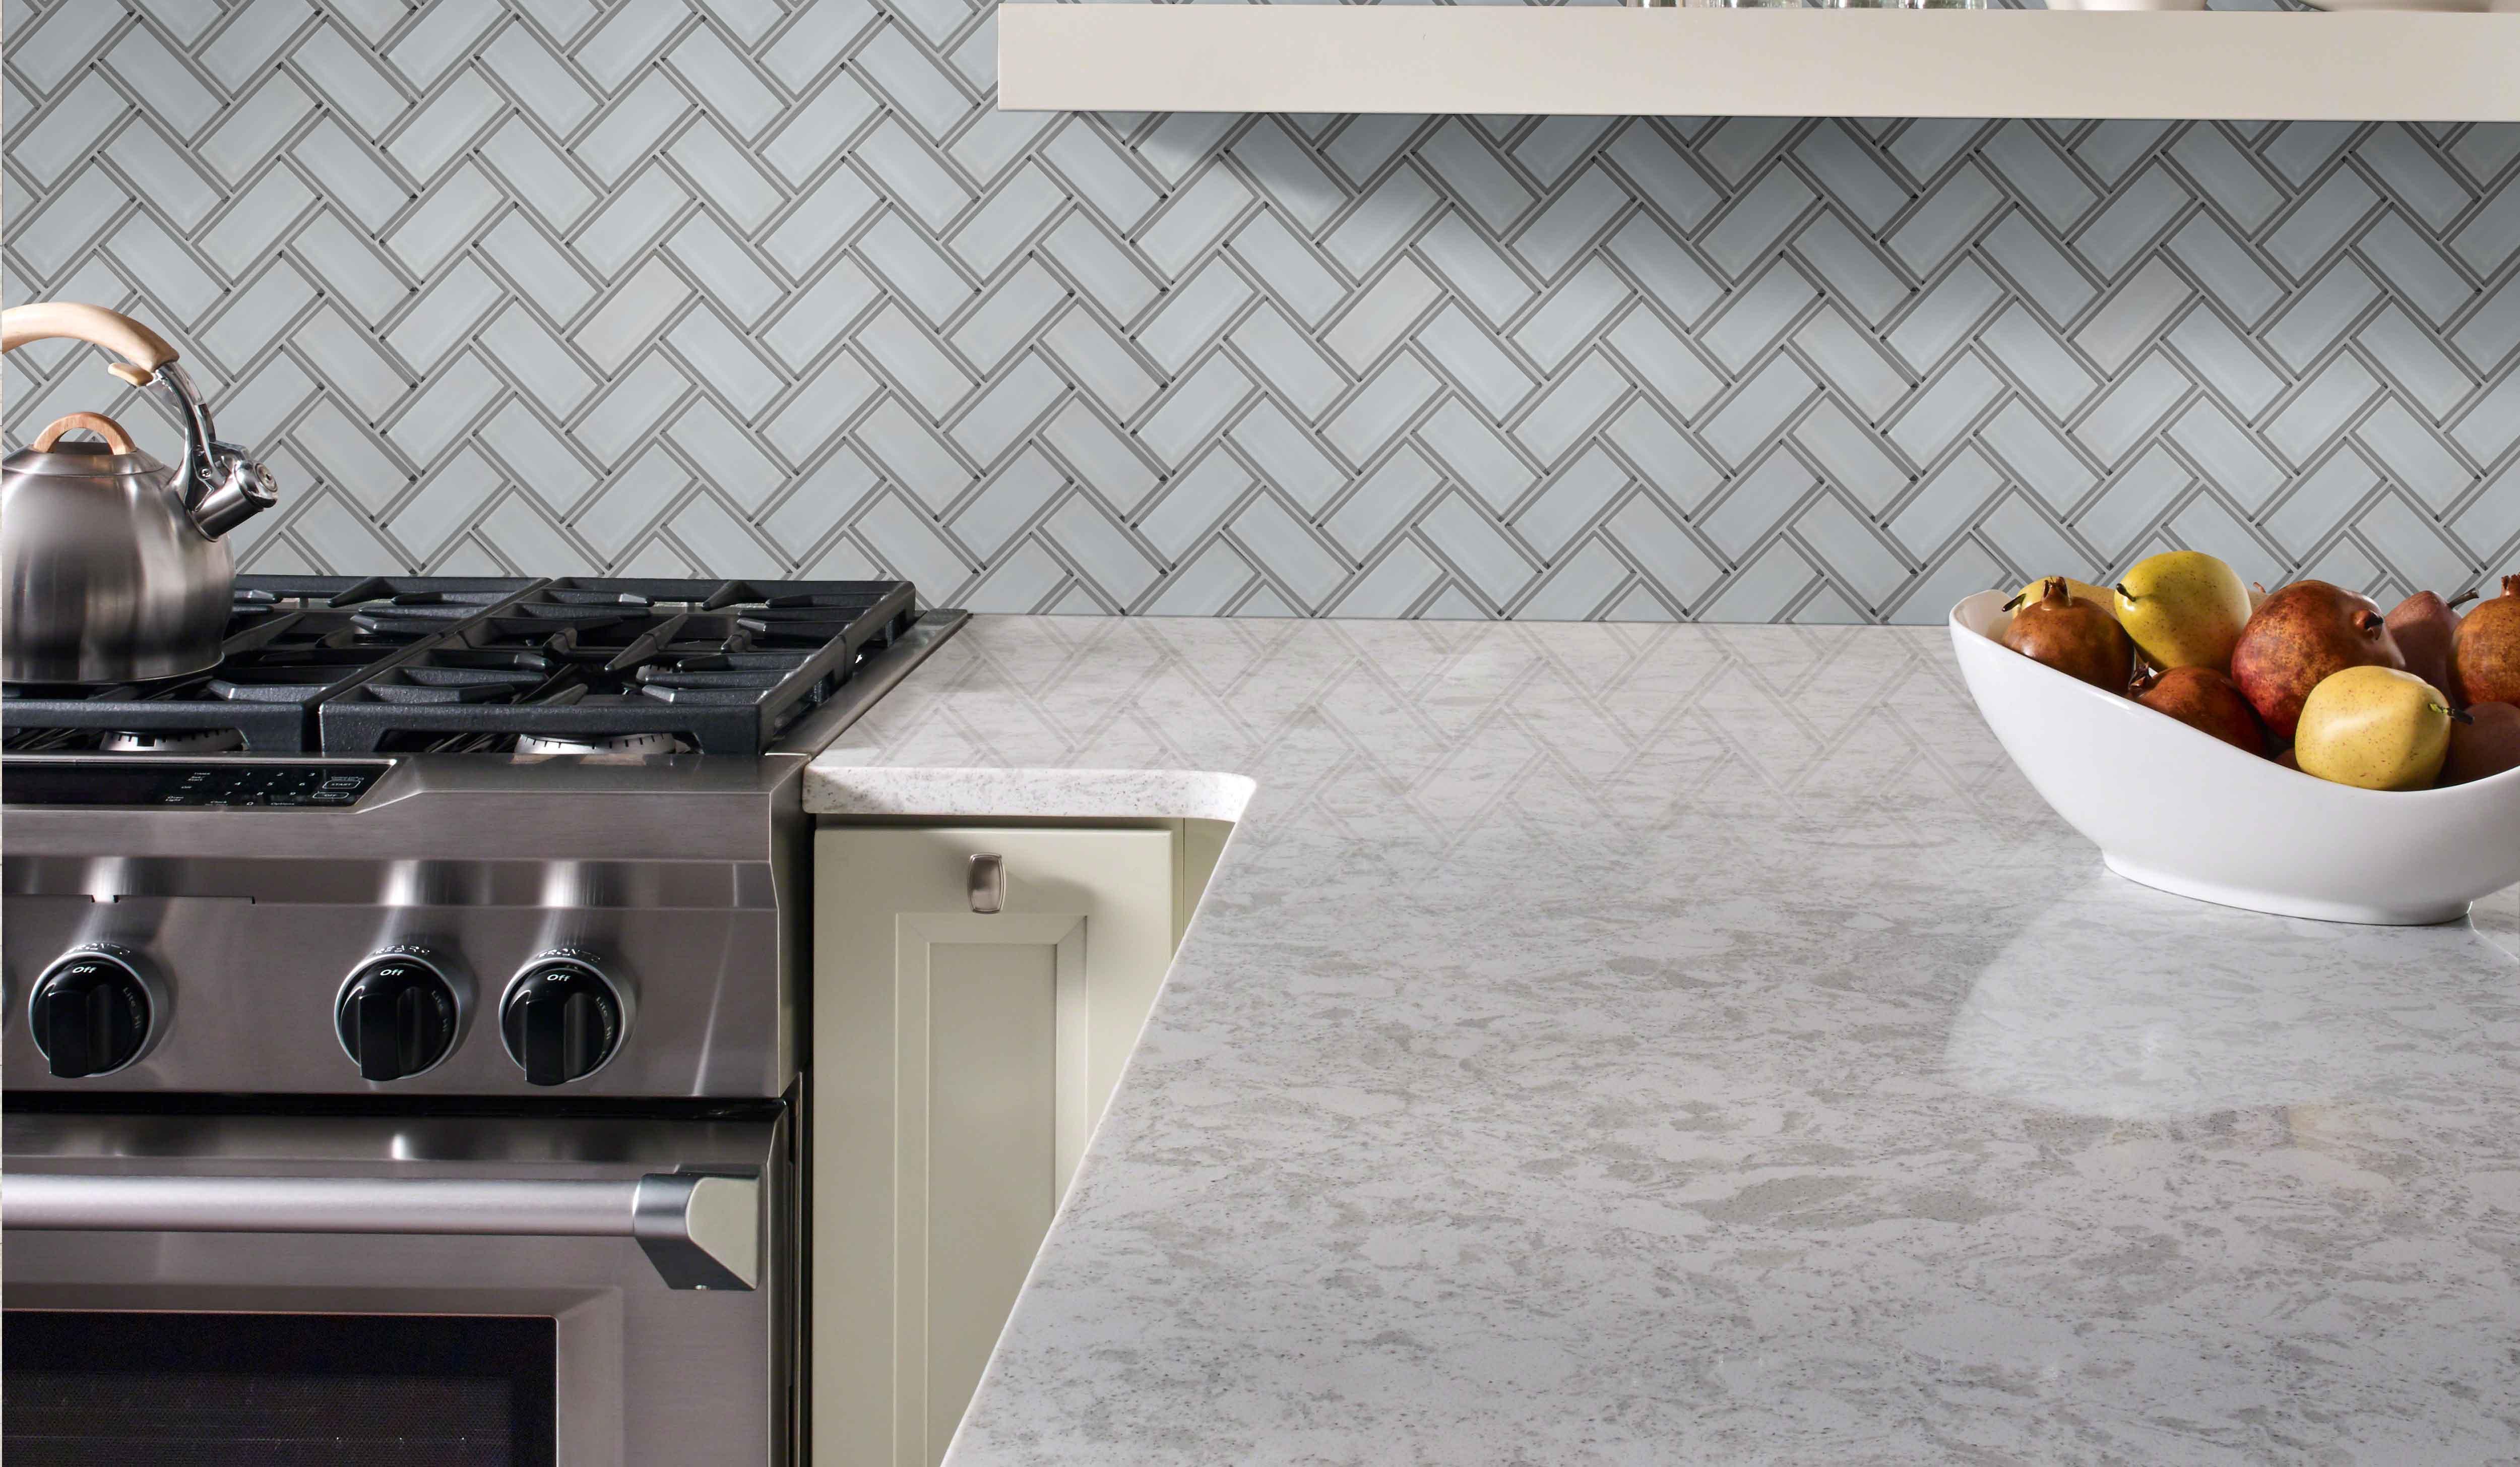 lookbook-wonder-kitchen-0163-detail-a-alt-03